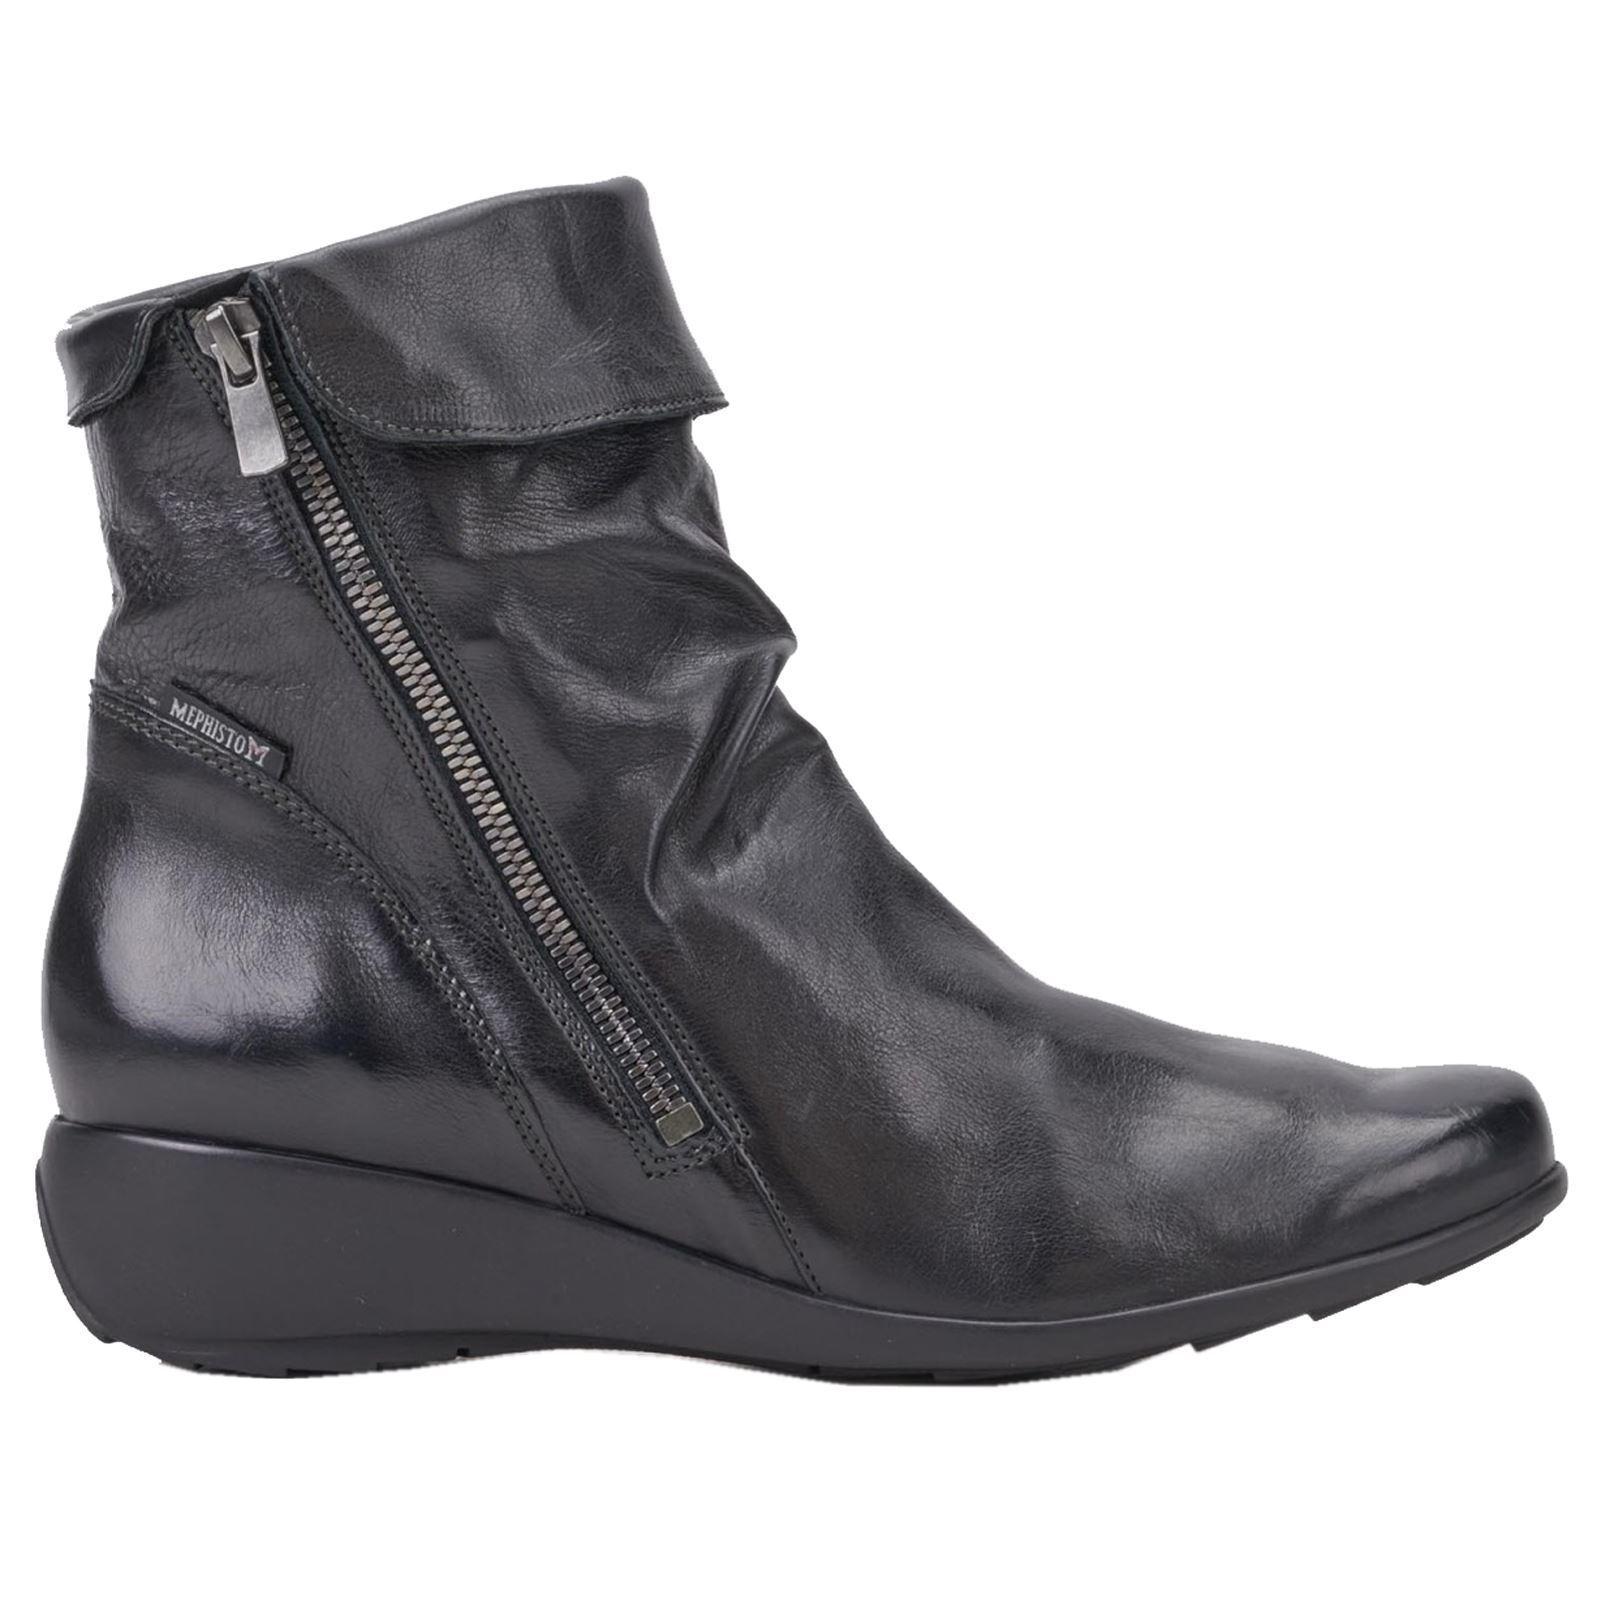 Mephisto stivali Womens Seddy Leather Boots,Gli stivali Mephisto da donna classici sono popolari, economici e hanno dimensioni b567c6